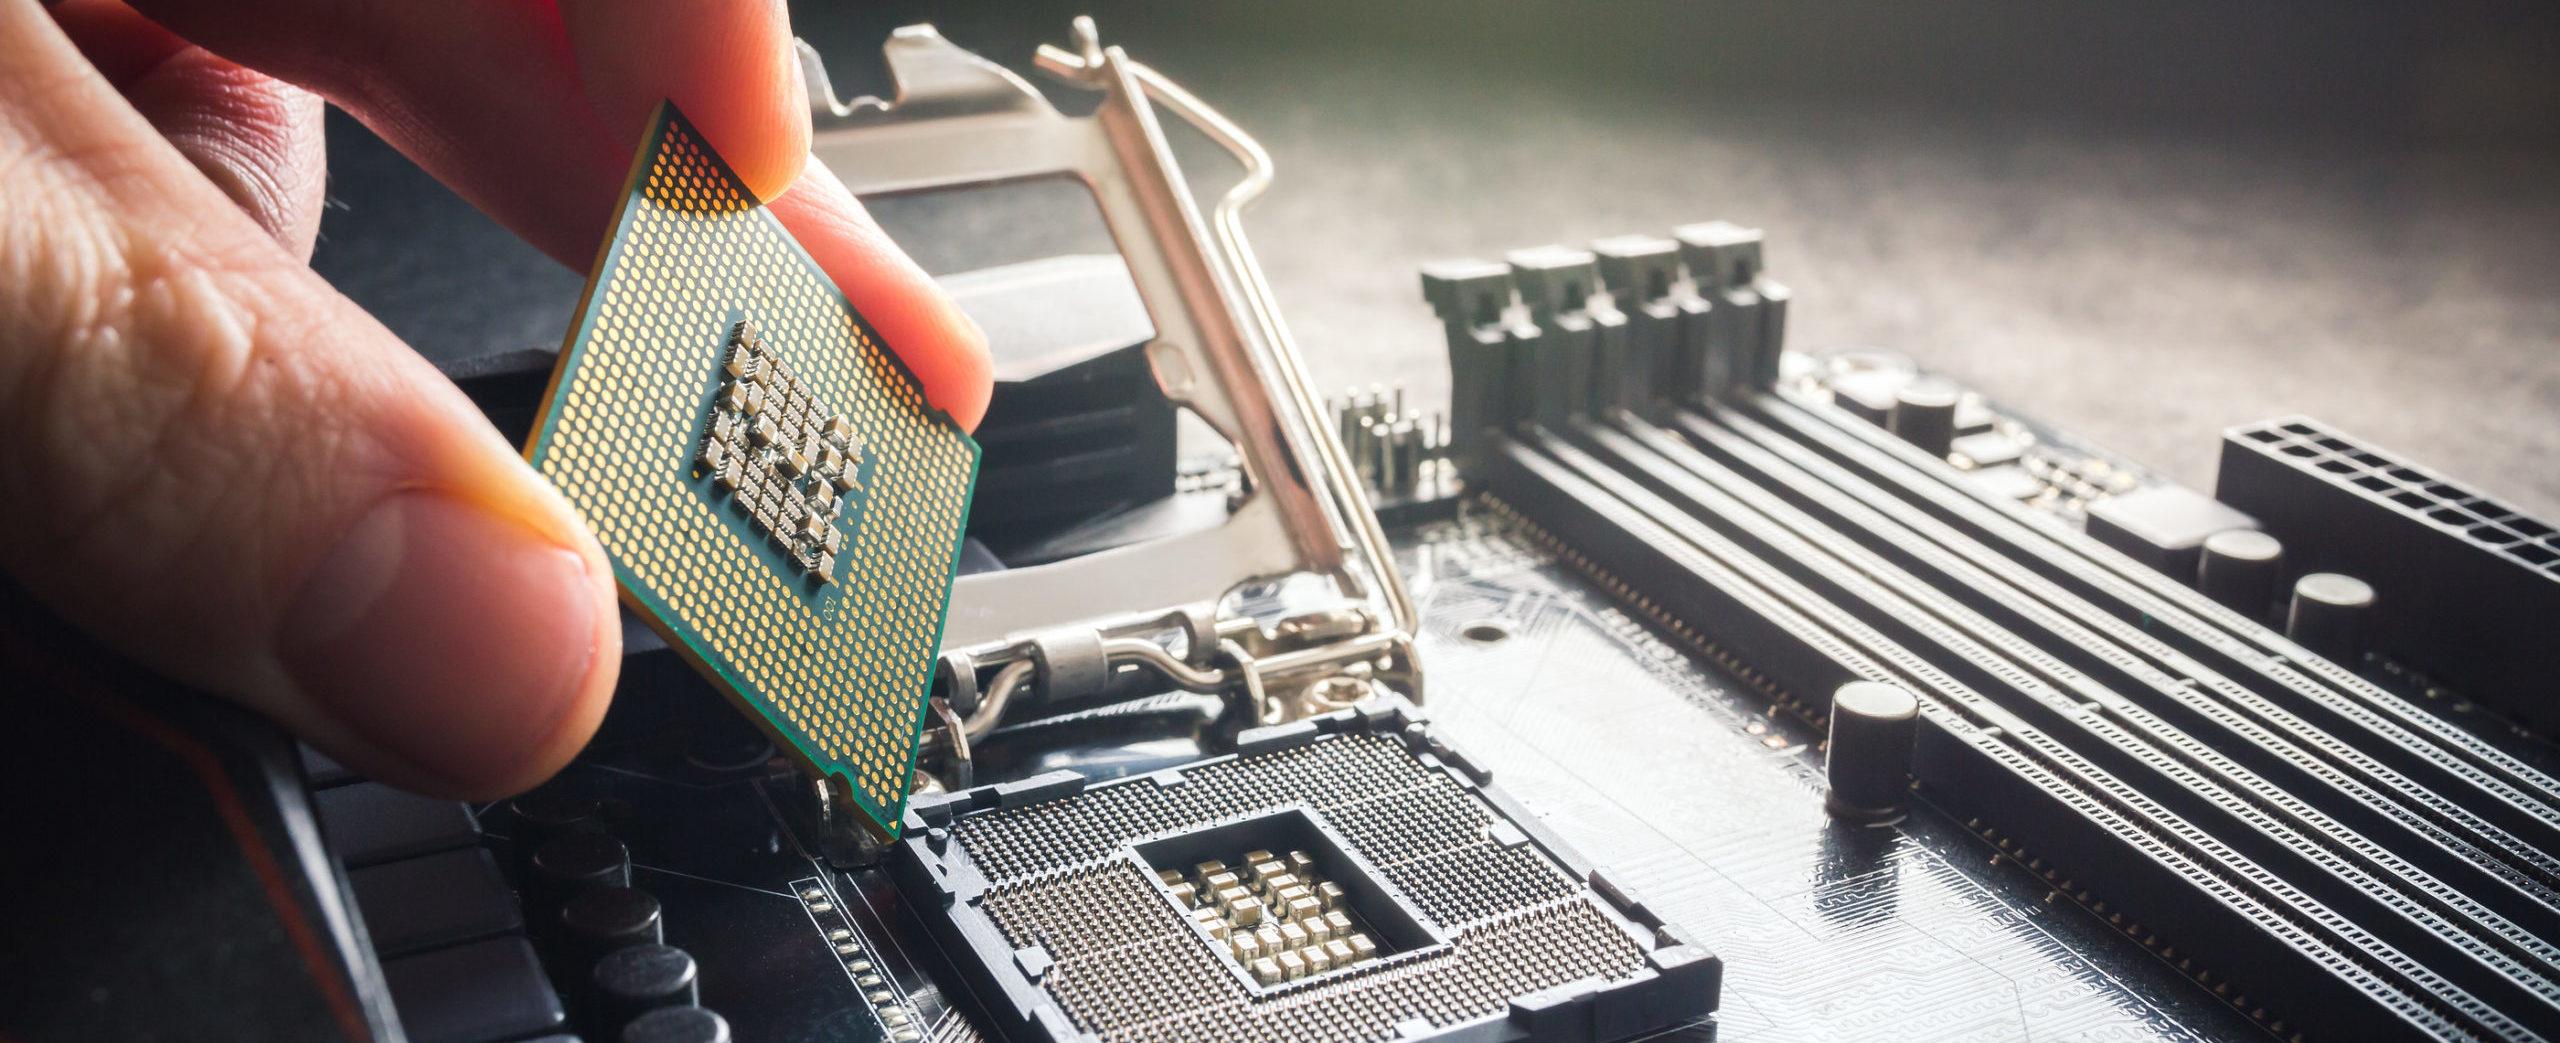 business computer repair